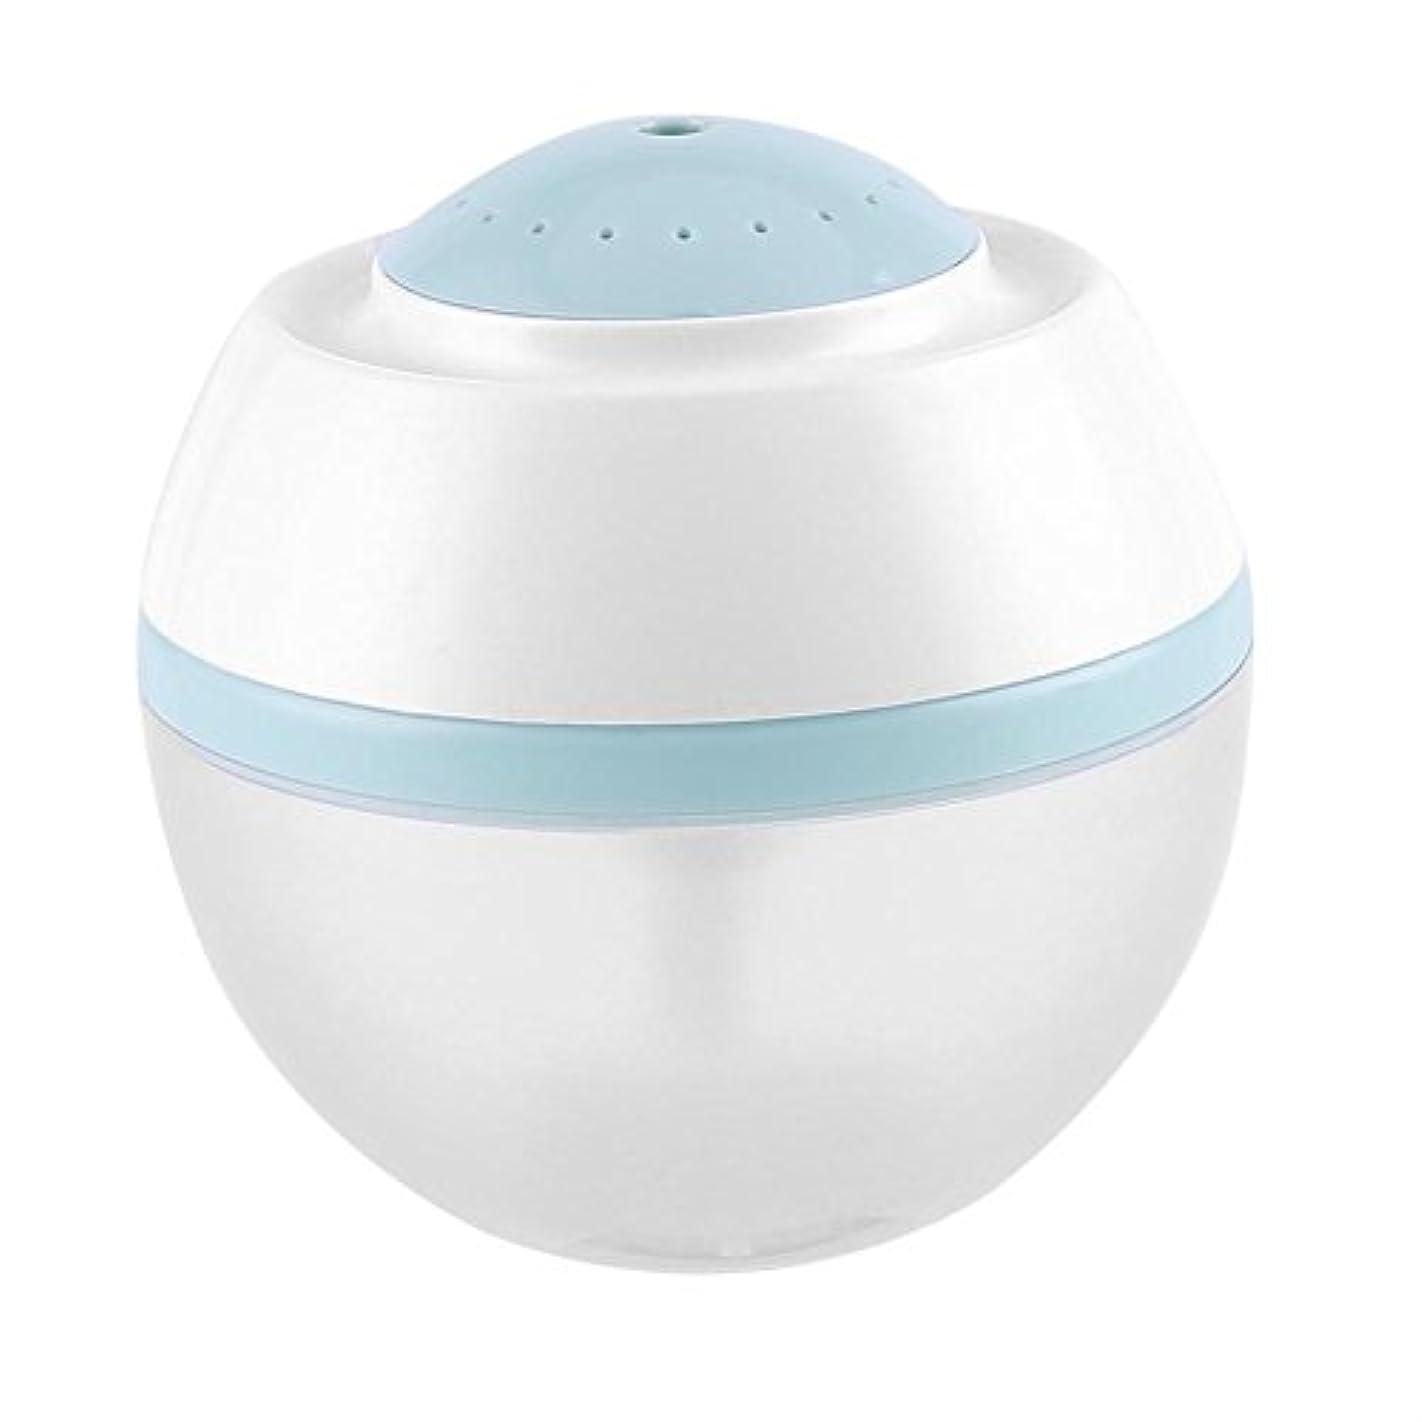 コショウ行く亜熱帯超音波クールミスト加湿器、500ml空気清浄器気化器ディフューザー7色LED付きプレミアム加湿ユニット(青)